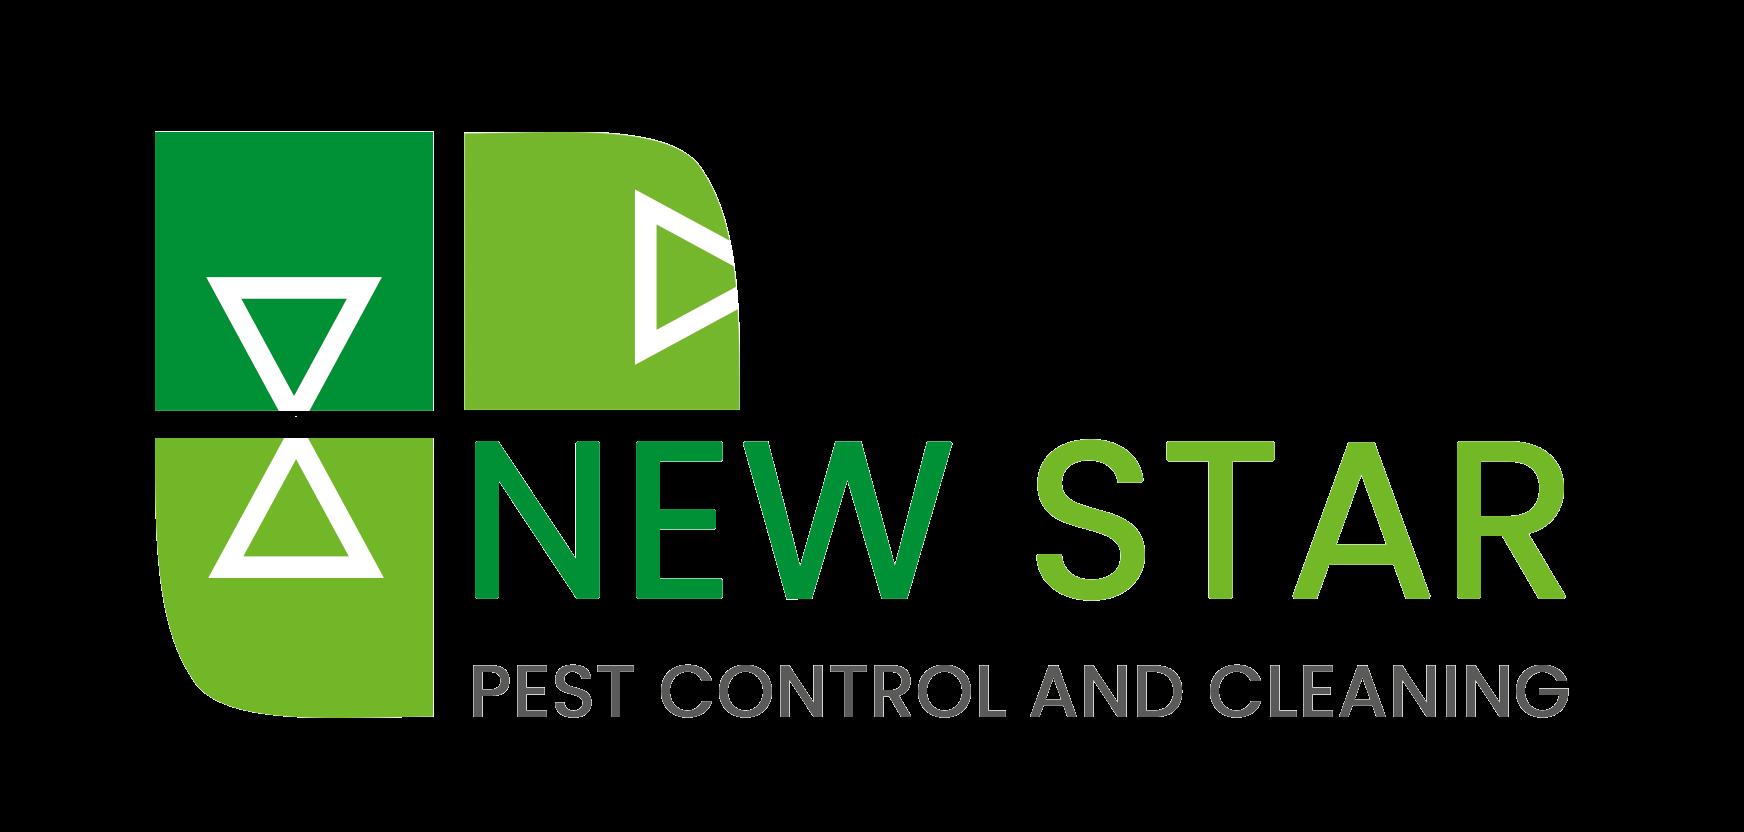 star pest control logo